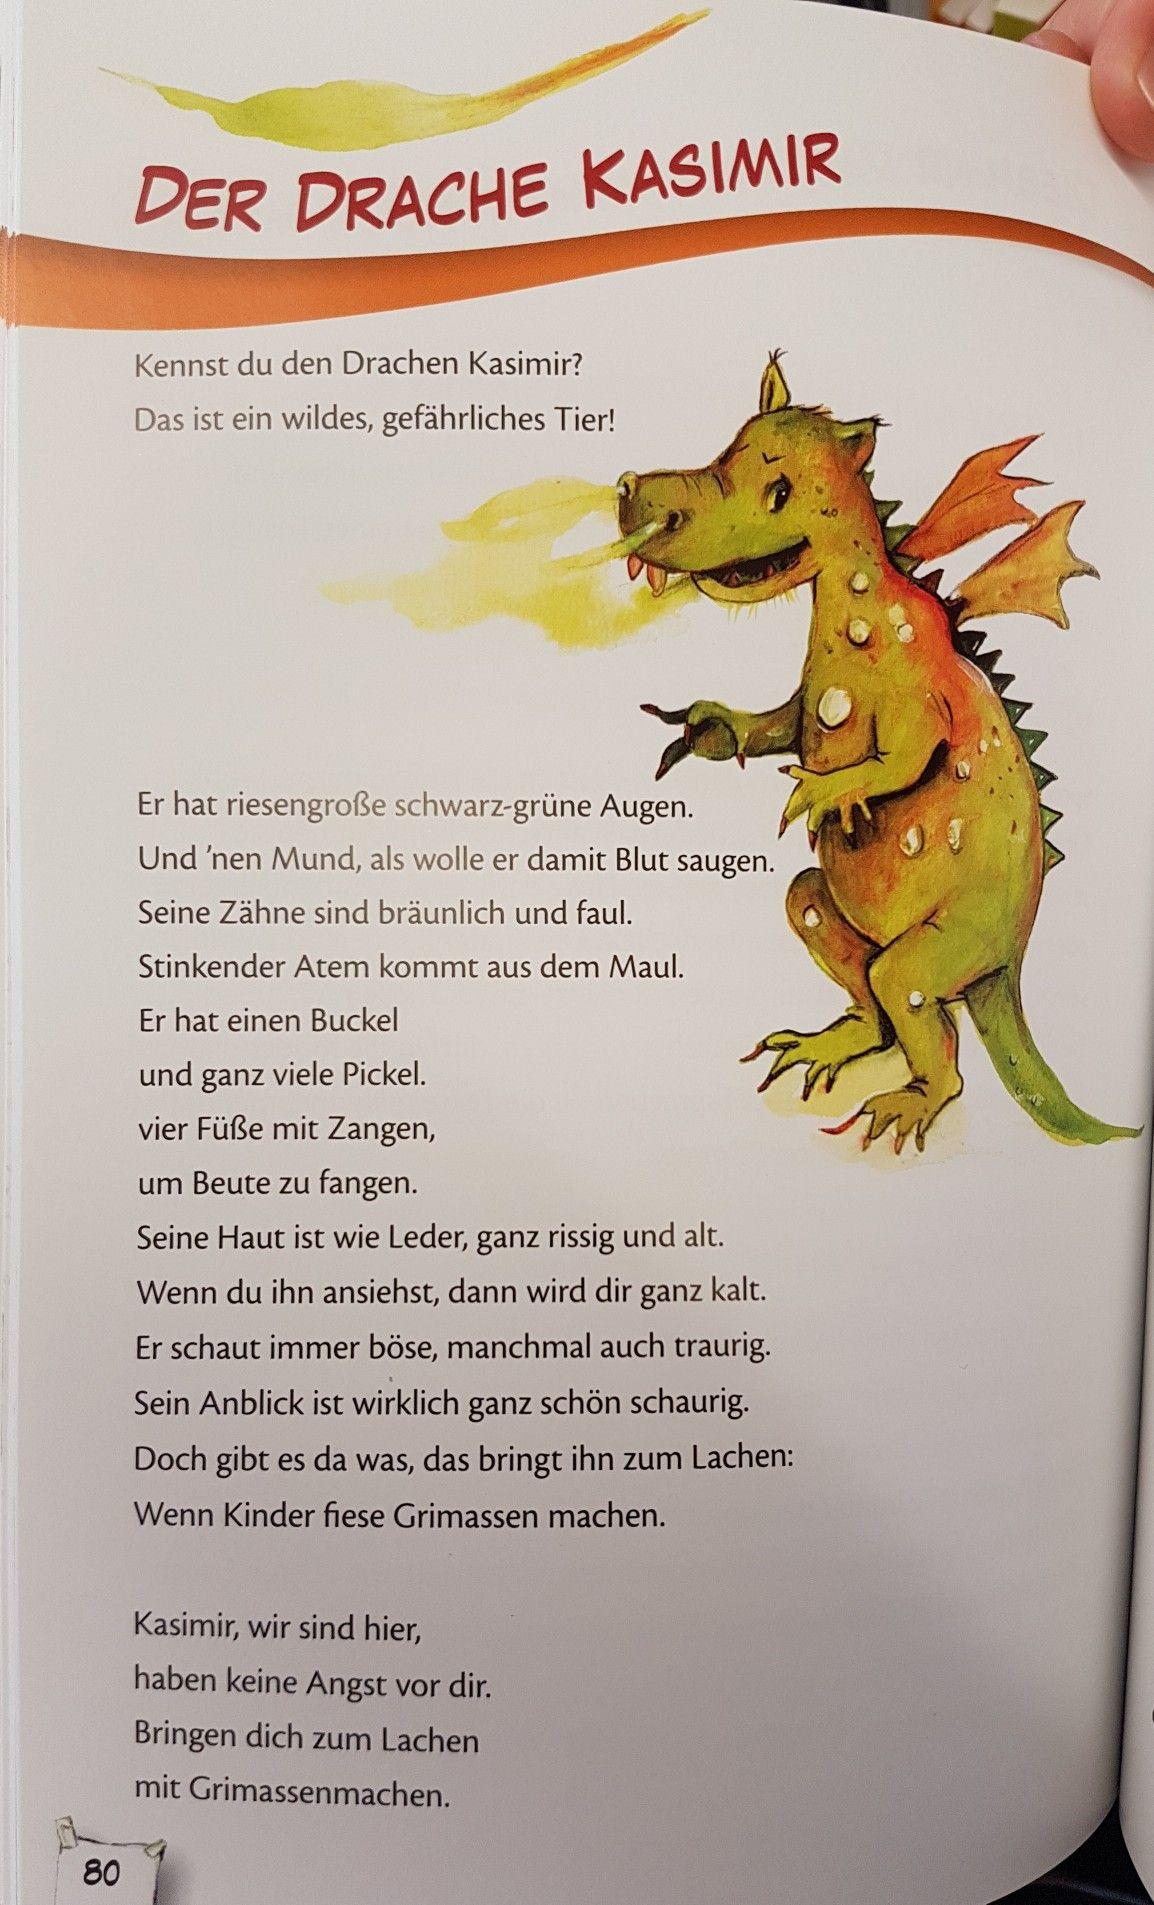 Der drache kasimir krippe gedicht kita kindergarten for Angebote kindergarten herbst